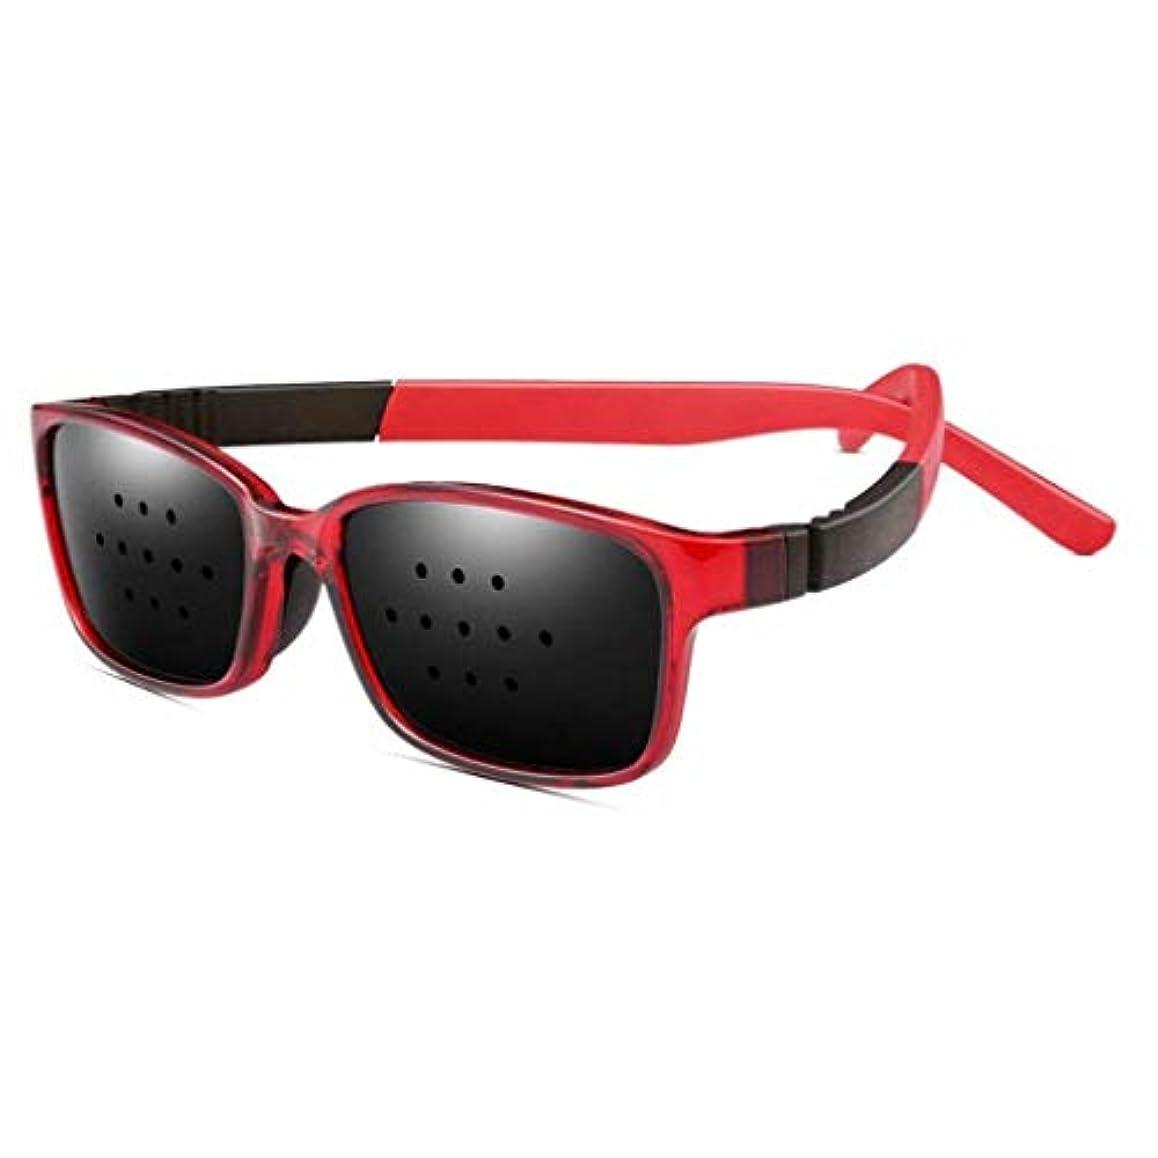 公使館ワーカー訪問ピンホールメガネ、視力矯正メガネ網状視力保護メガネ耐疲労性メガネ近視の防止メガネの改善 (Color : 赤)